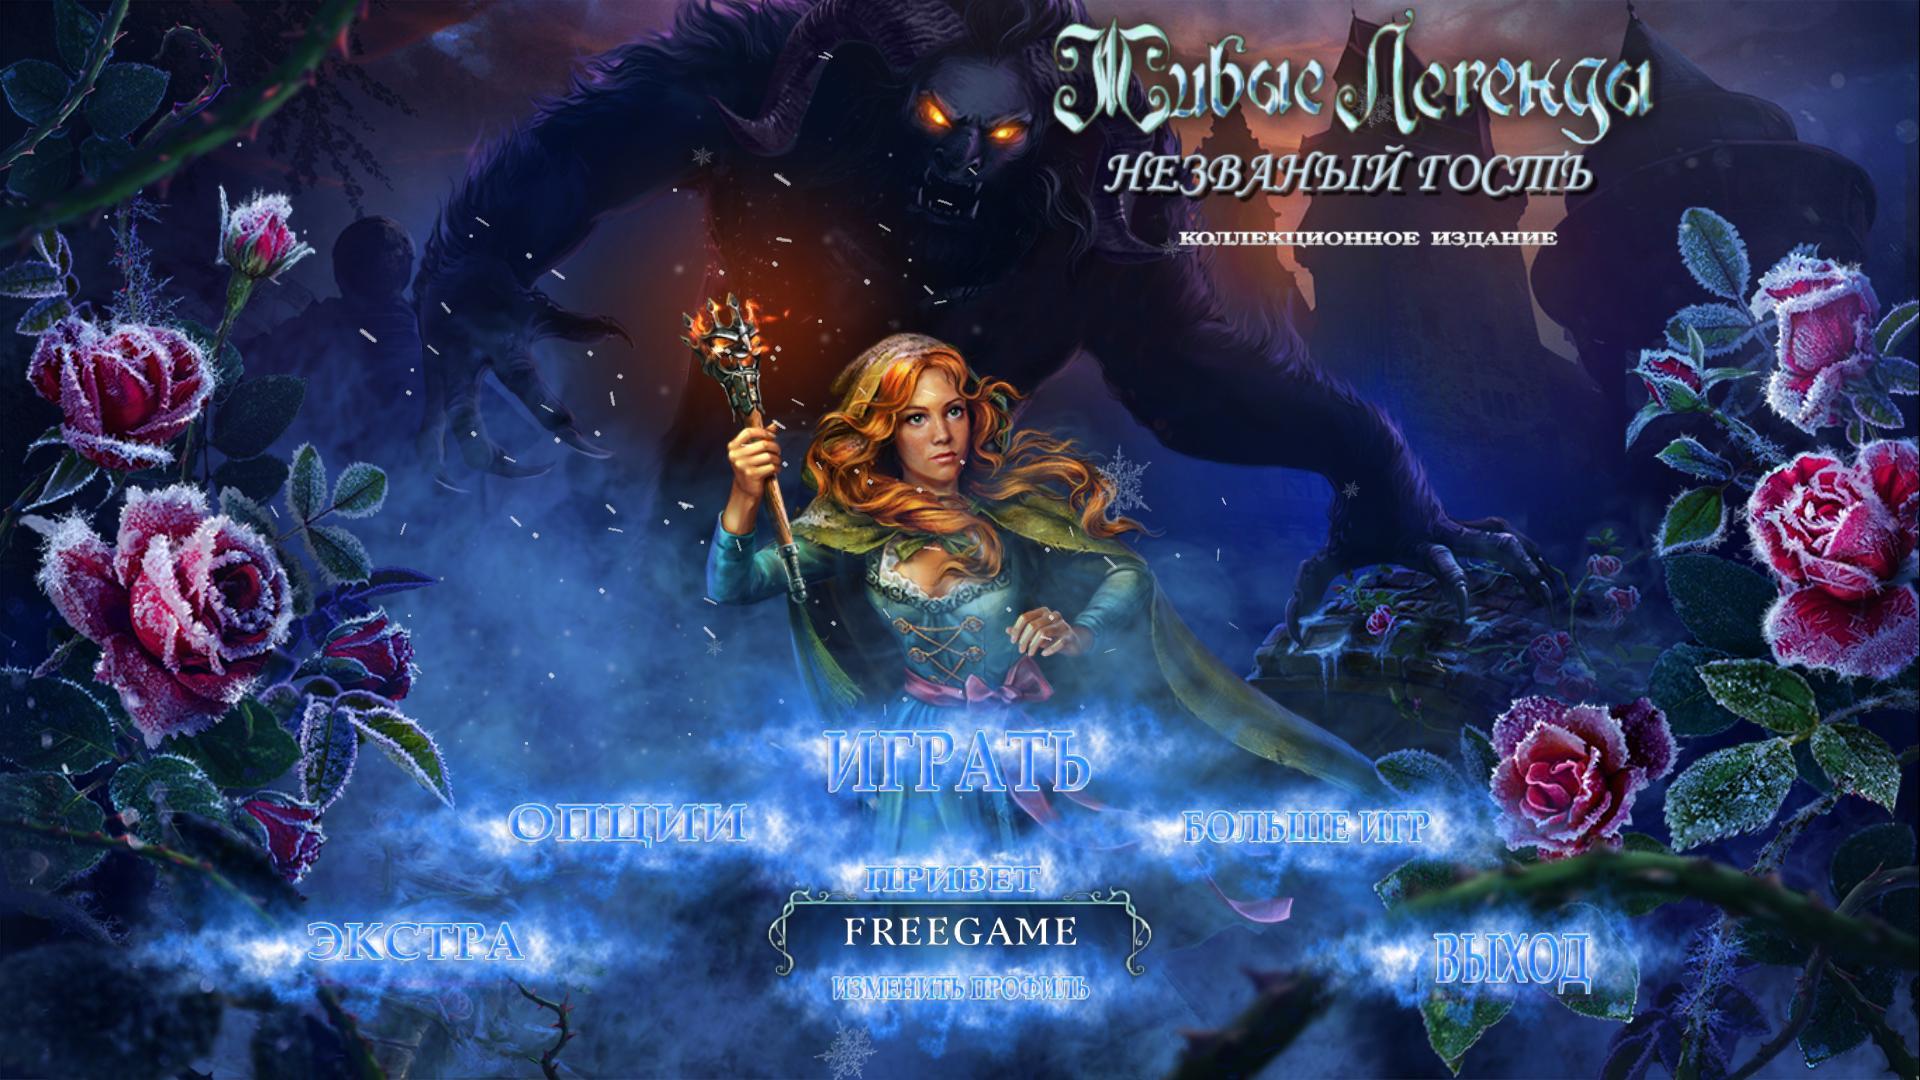 Живые легенды 6: Незваный гость. Коллекционное издание | Living Legends 6: Uninvited Guests CE (Rus)